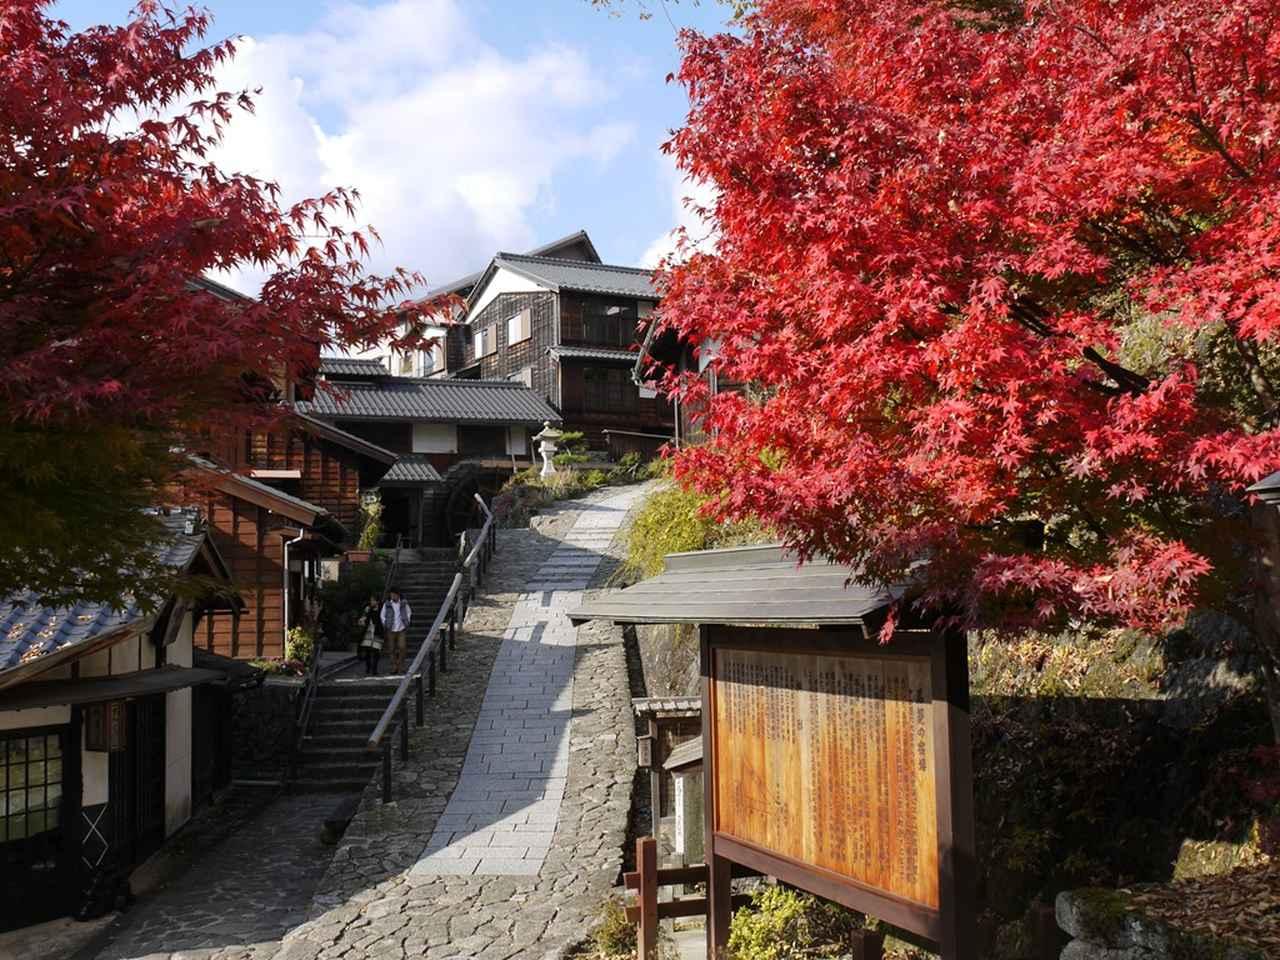 画像: 馬籠宿の紅葉(例年の紅葉の見頃は10月下旬~11月中旬)